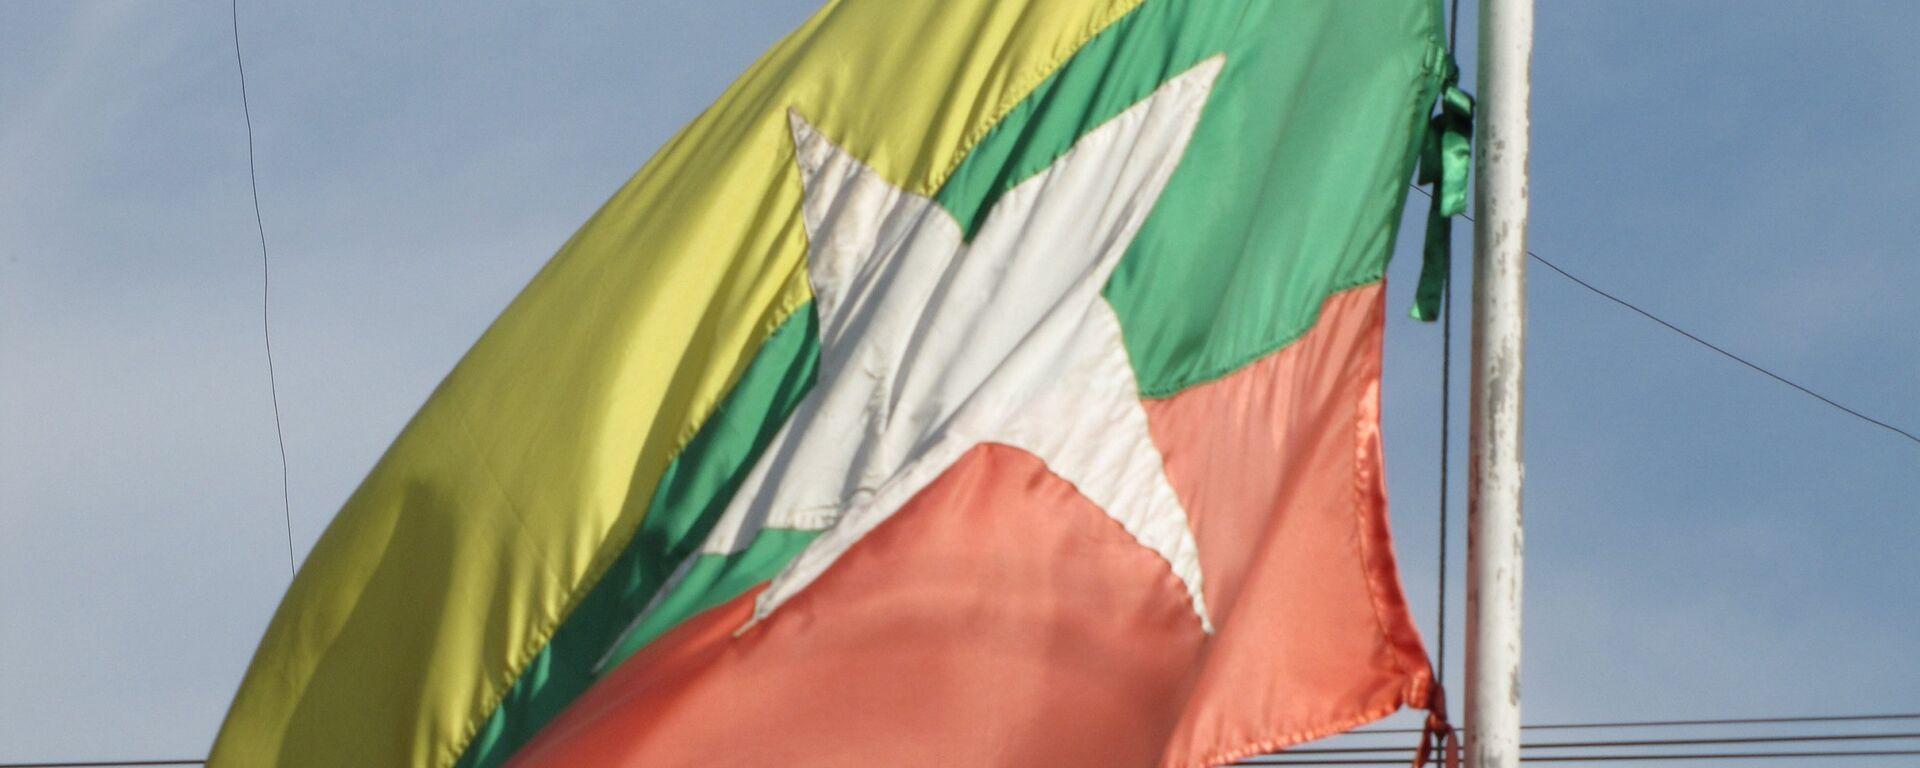 La bandera nacional de Birmania - Sputnik Mundo, 1920, 05.05.2021